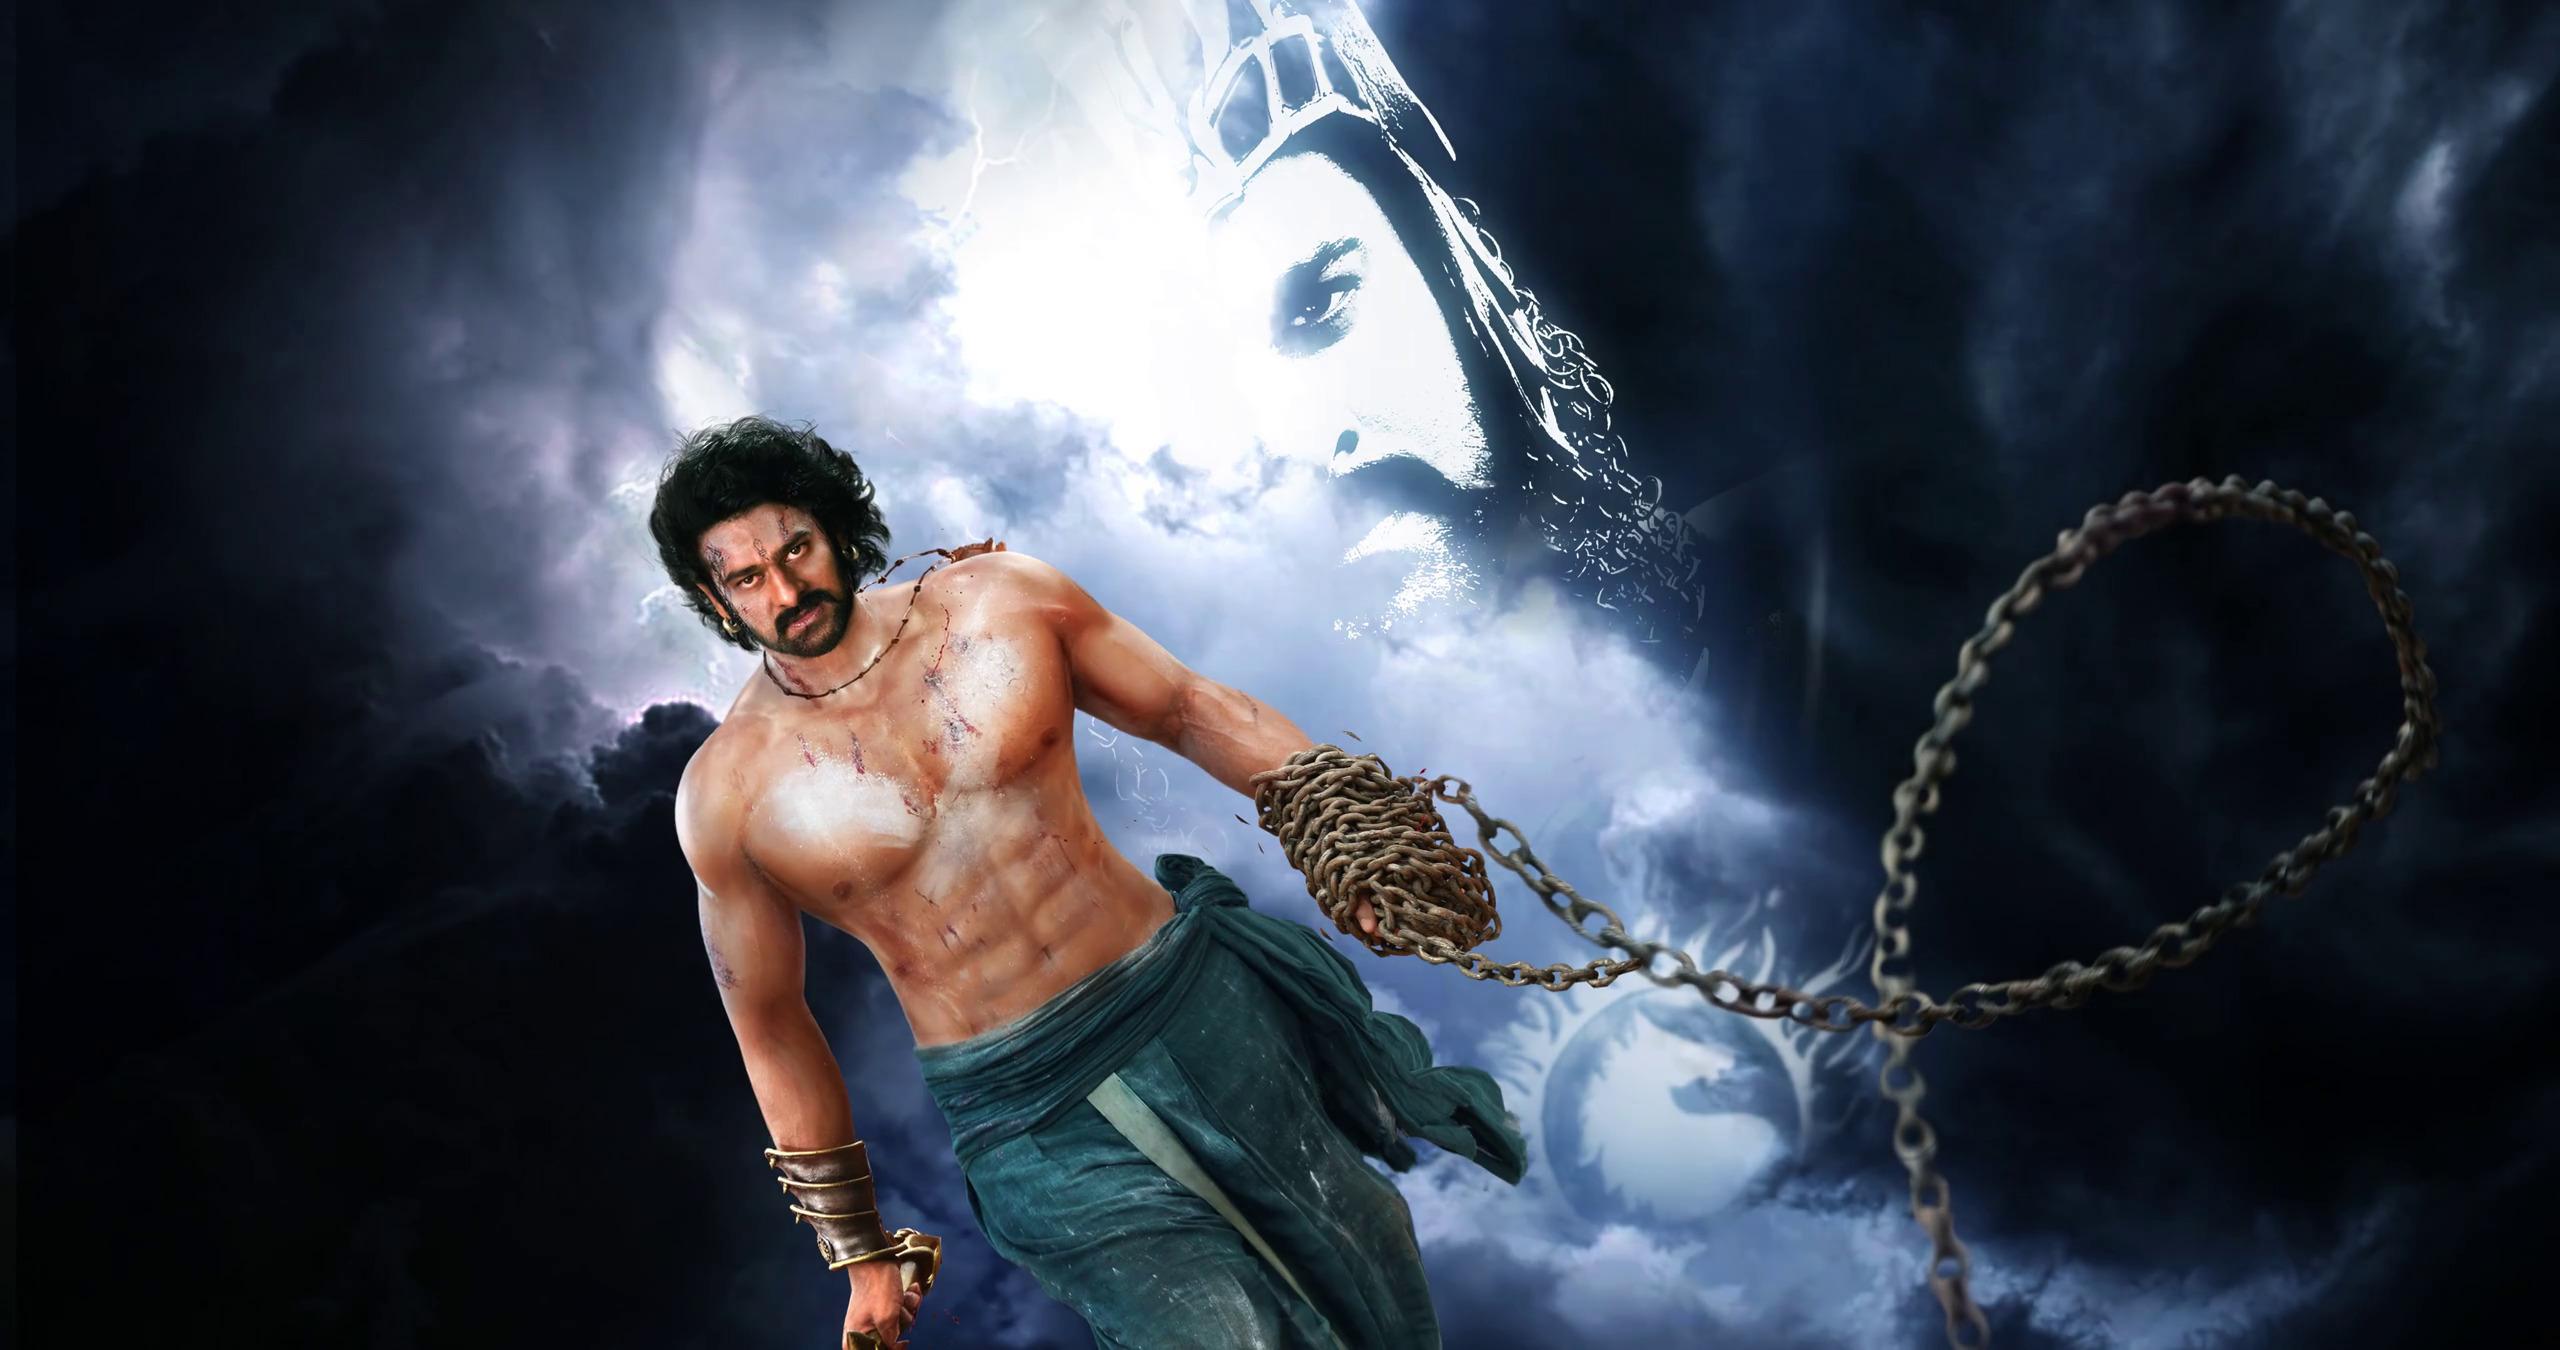 Baahubali 2 Movie Hd Wallpapers Hd Wallpapers